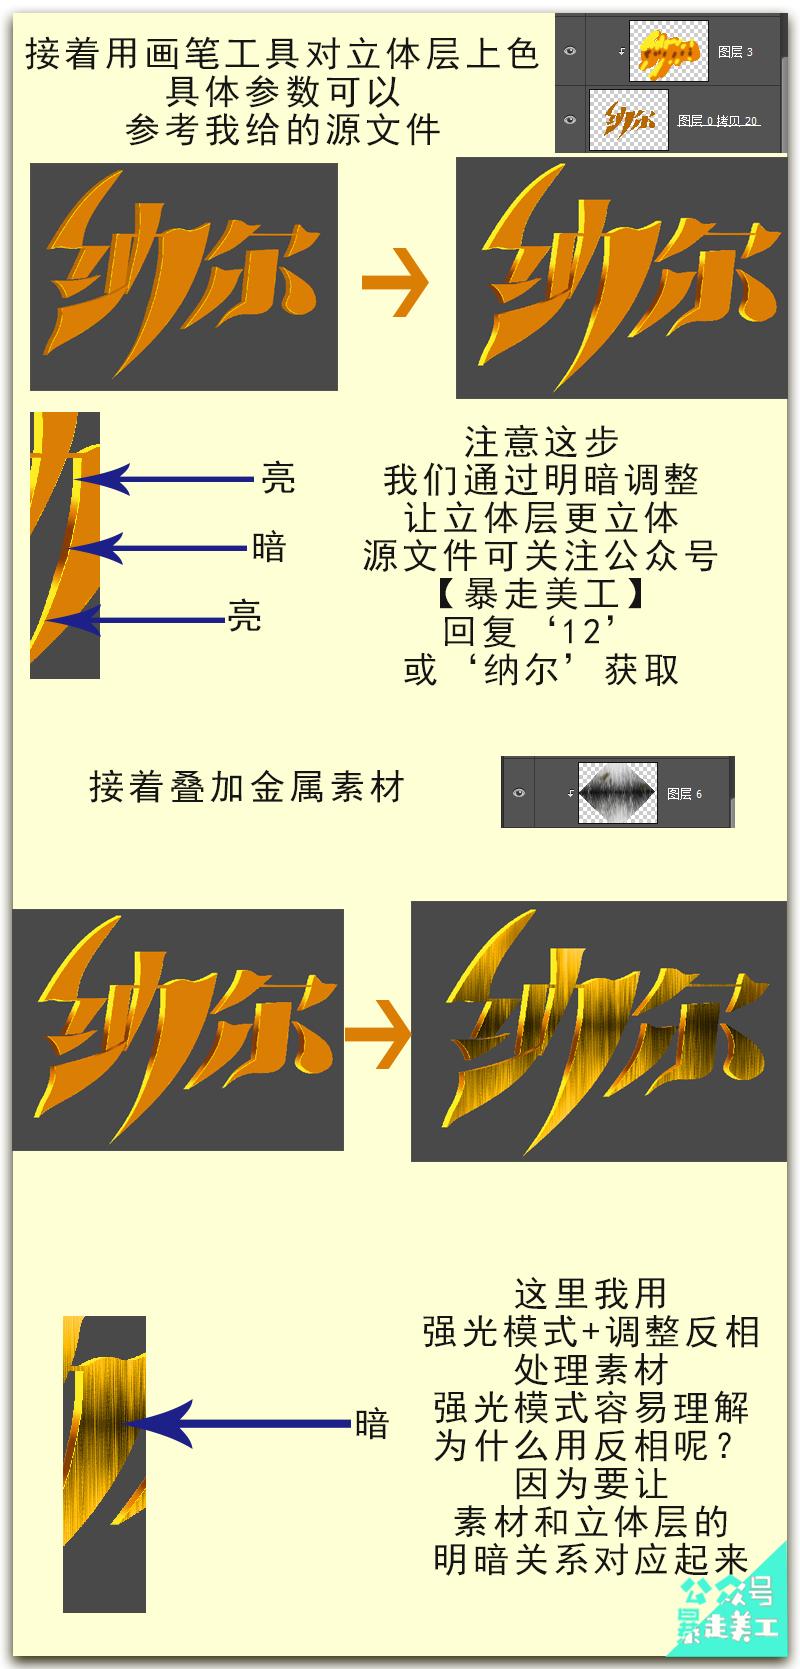 Photoshop製作金屬質感的黃金藝術字教程